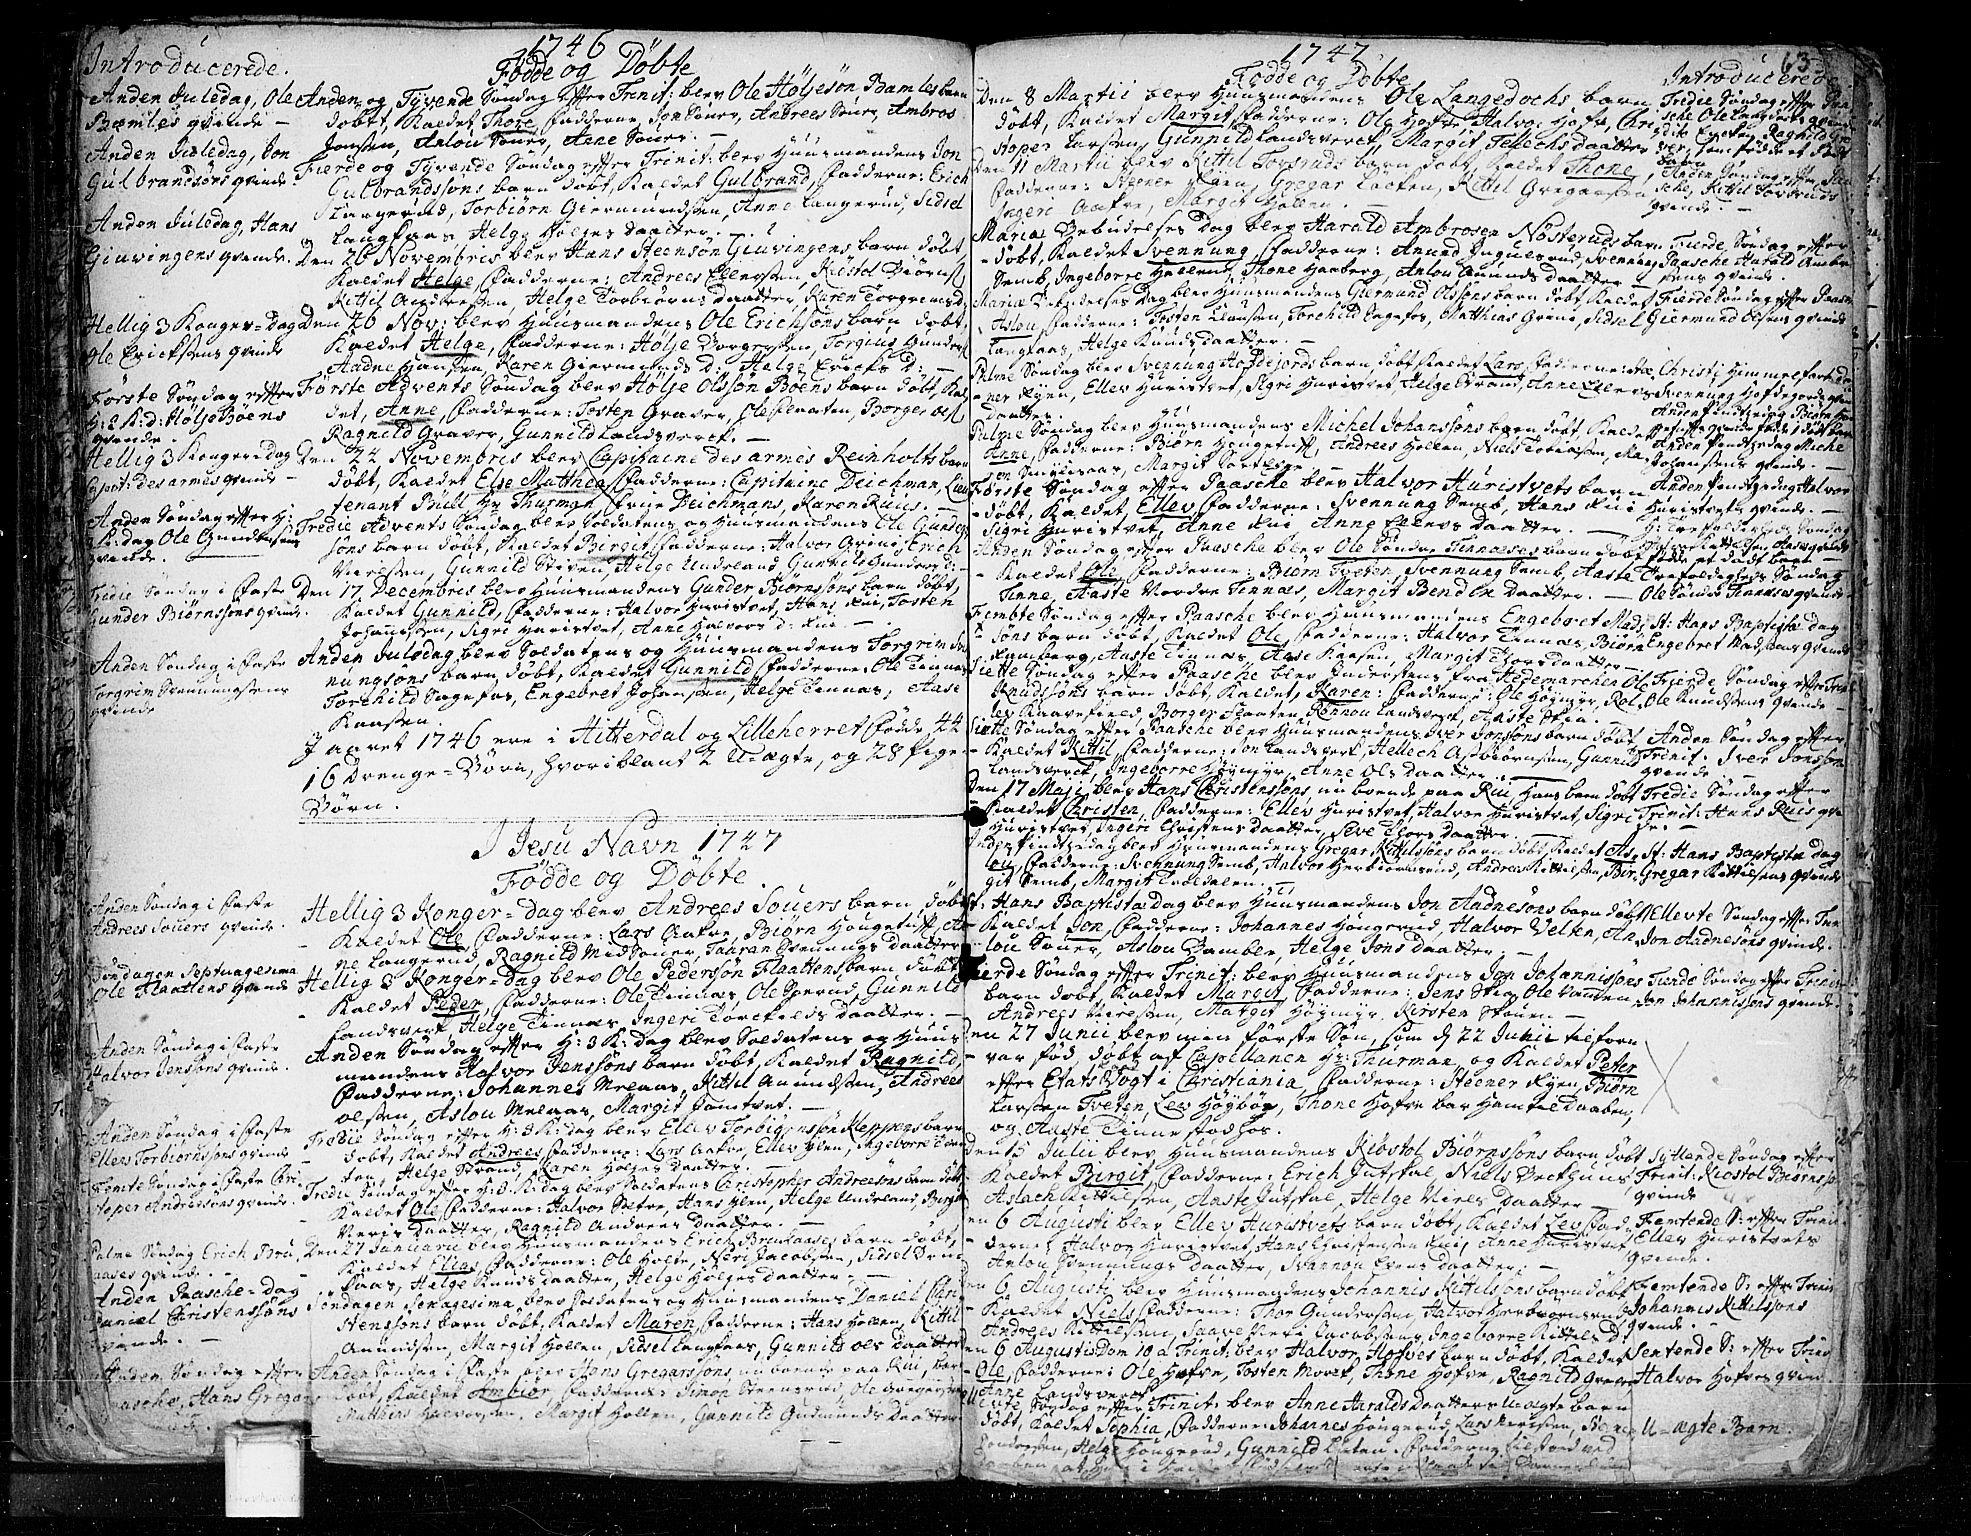 SAKO, Heddal kirkebøker, F/Fa/L0003: Ministerialbok nr. I 3, 1723-1783, s. 63